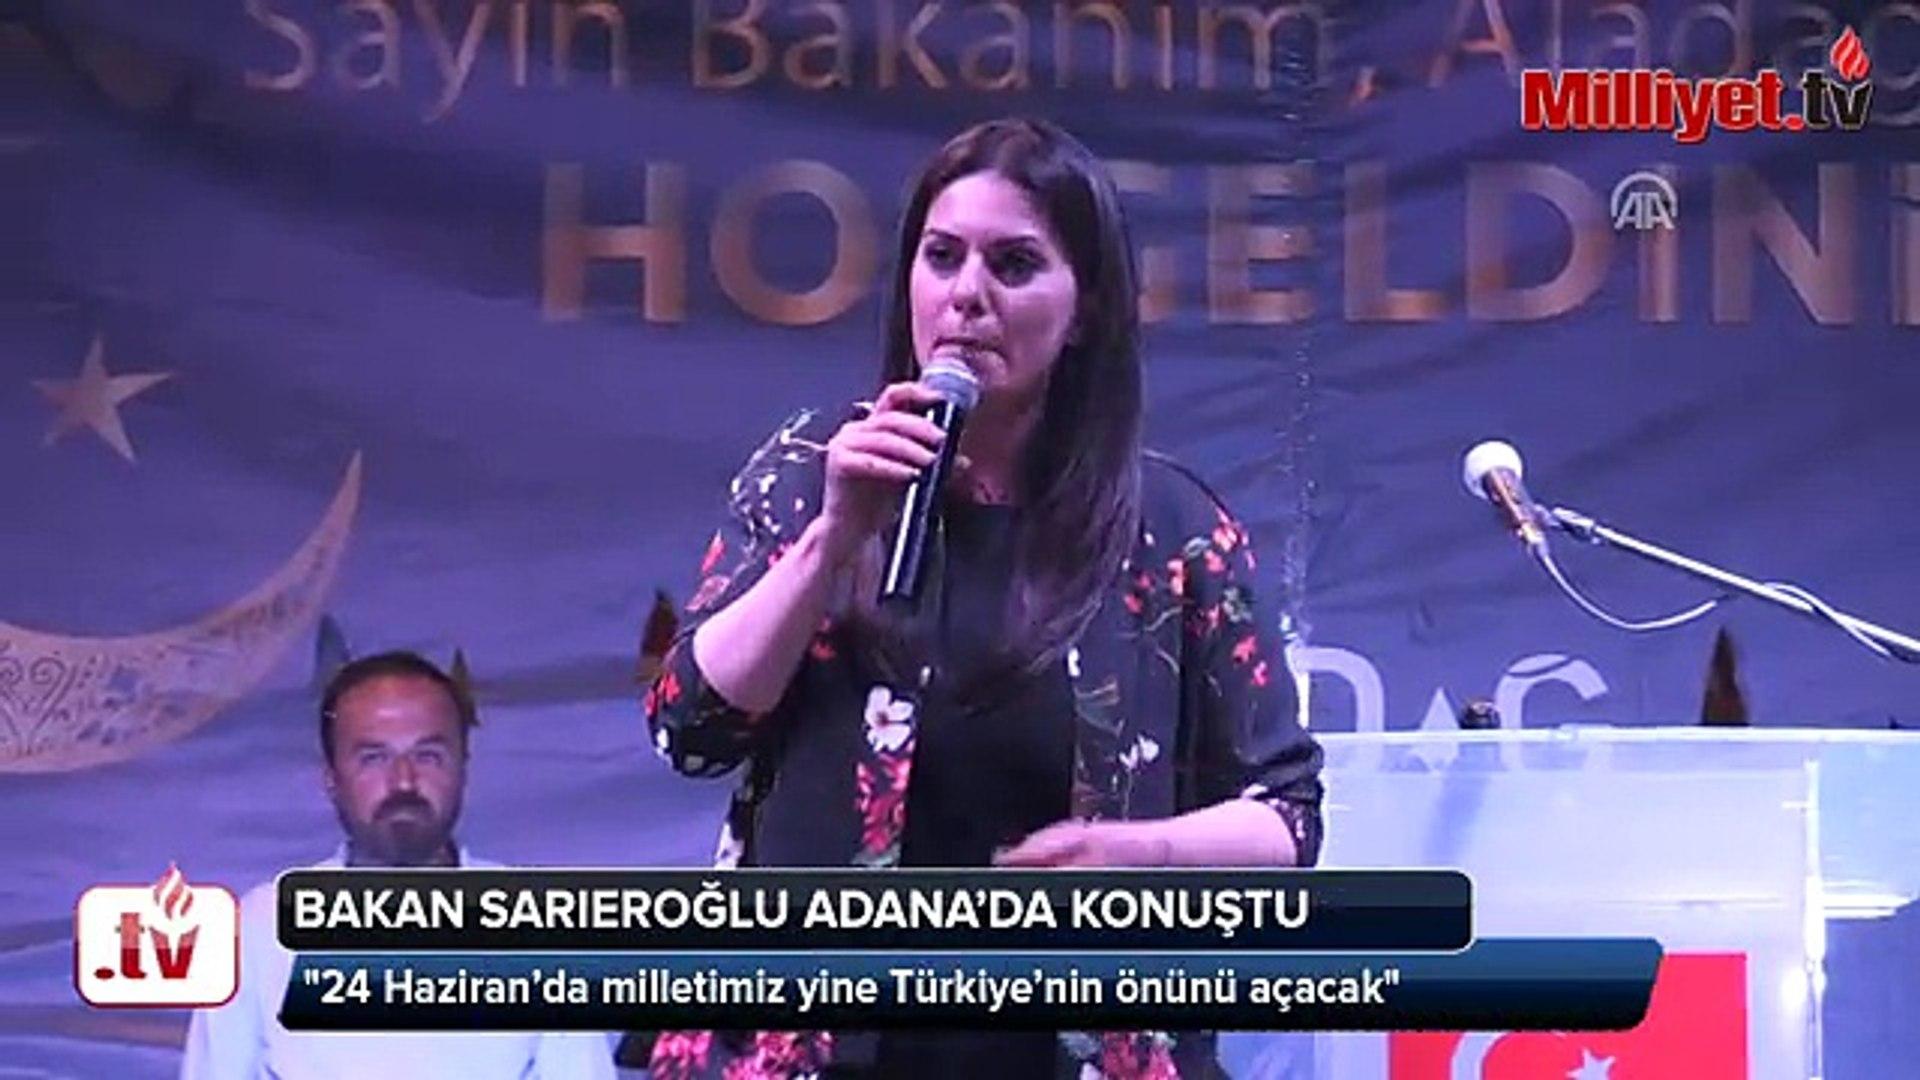 Bakan Sarıeroğlu: 24 Haziran'da milletimiz yine Türkiye'nin önünü açacak